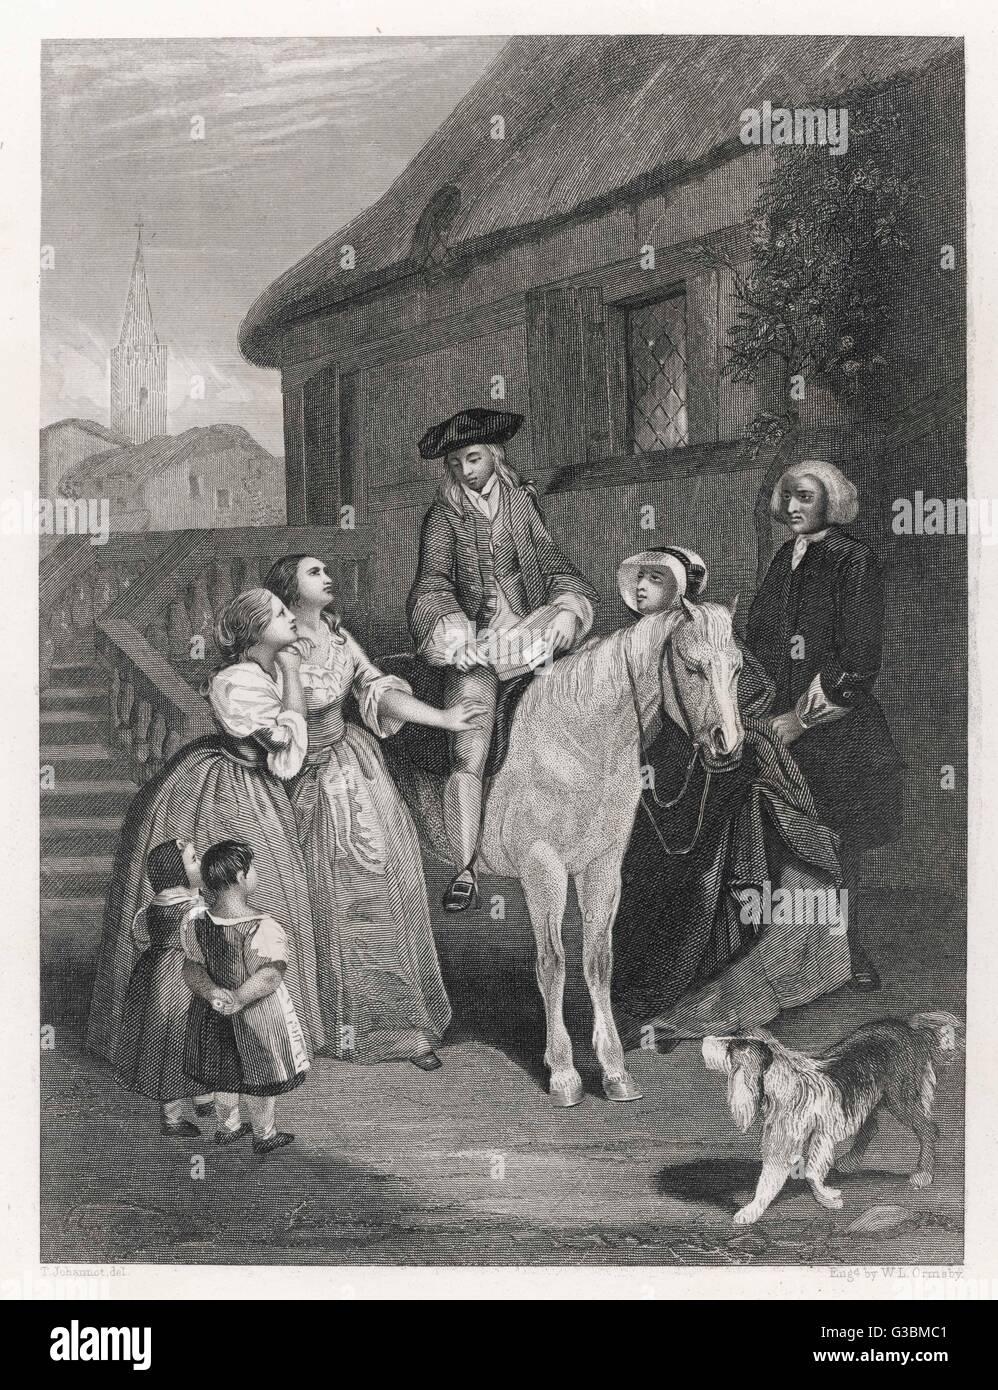 Moisés recibe instrucciones de último minuto de su familia antes de salir para la feria donde será notoriamente incorrecto. Fecha: publicado por primera vez en 1766 Foto de stock